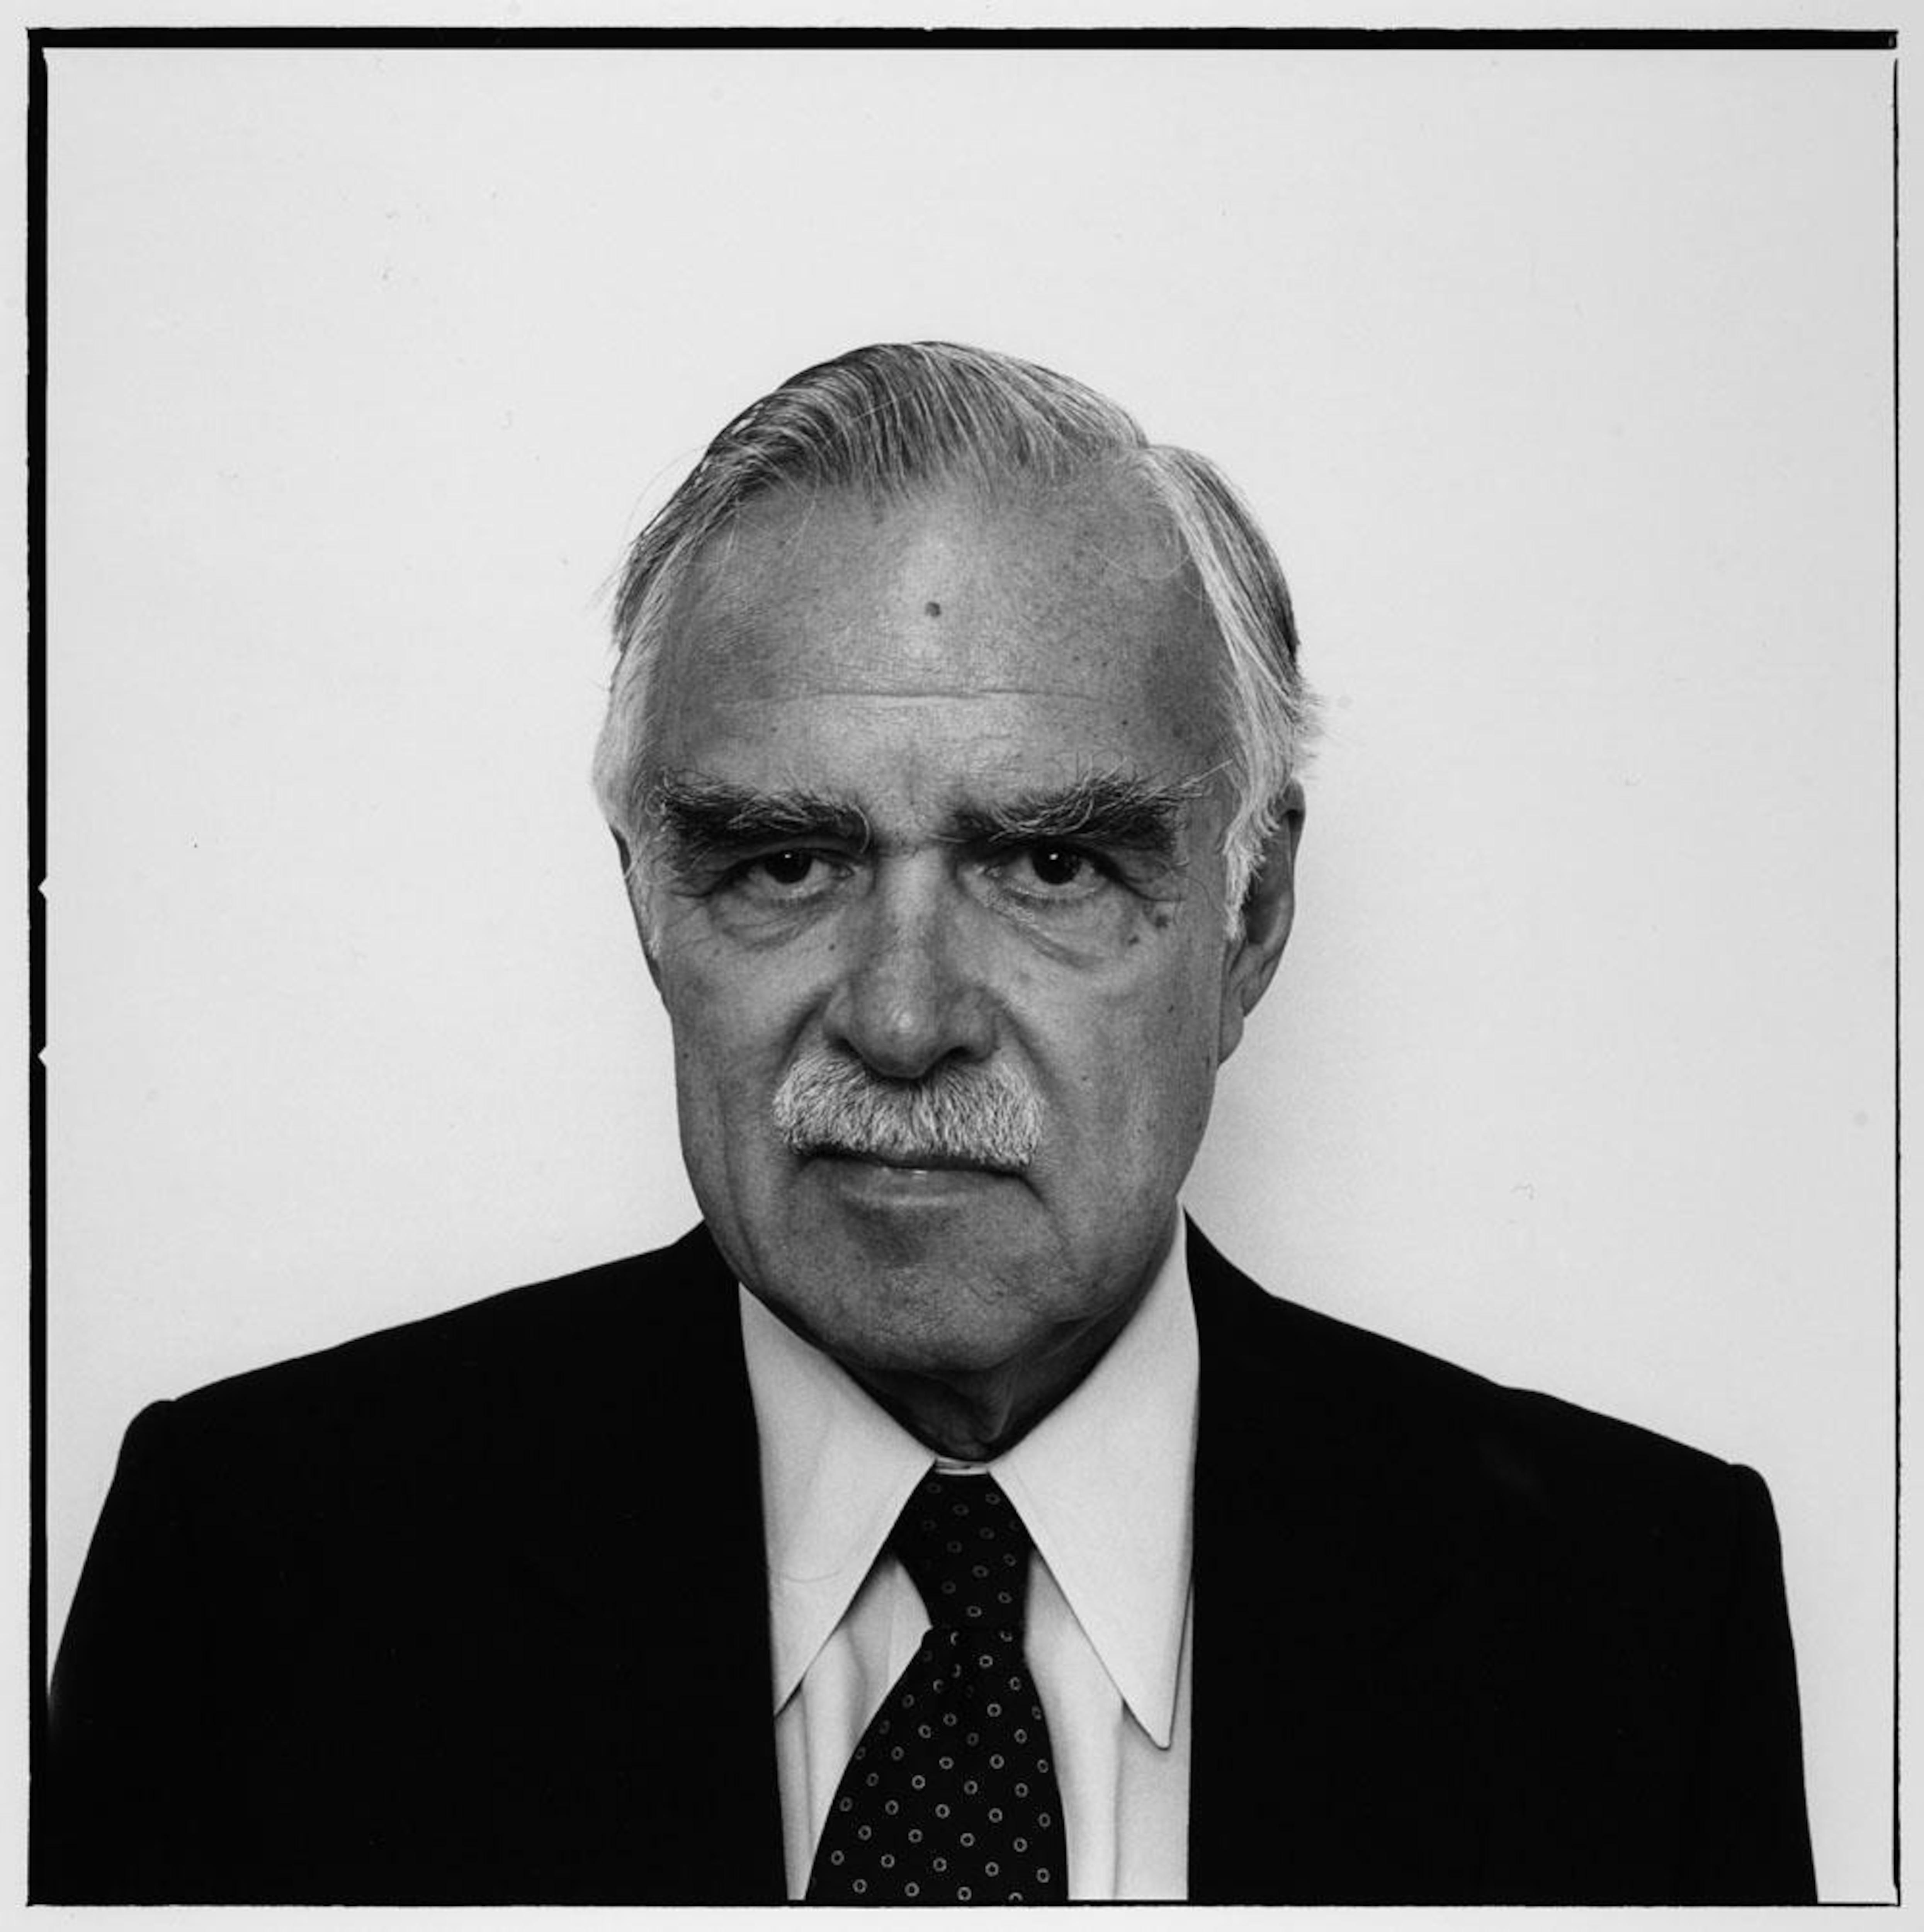 Photo en noir et blanc juste de la tête et des épaules du politicien vêtu d'un habit foncé.